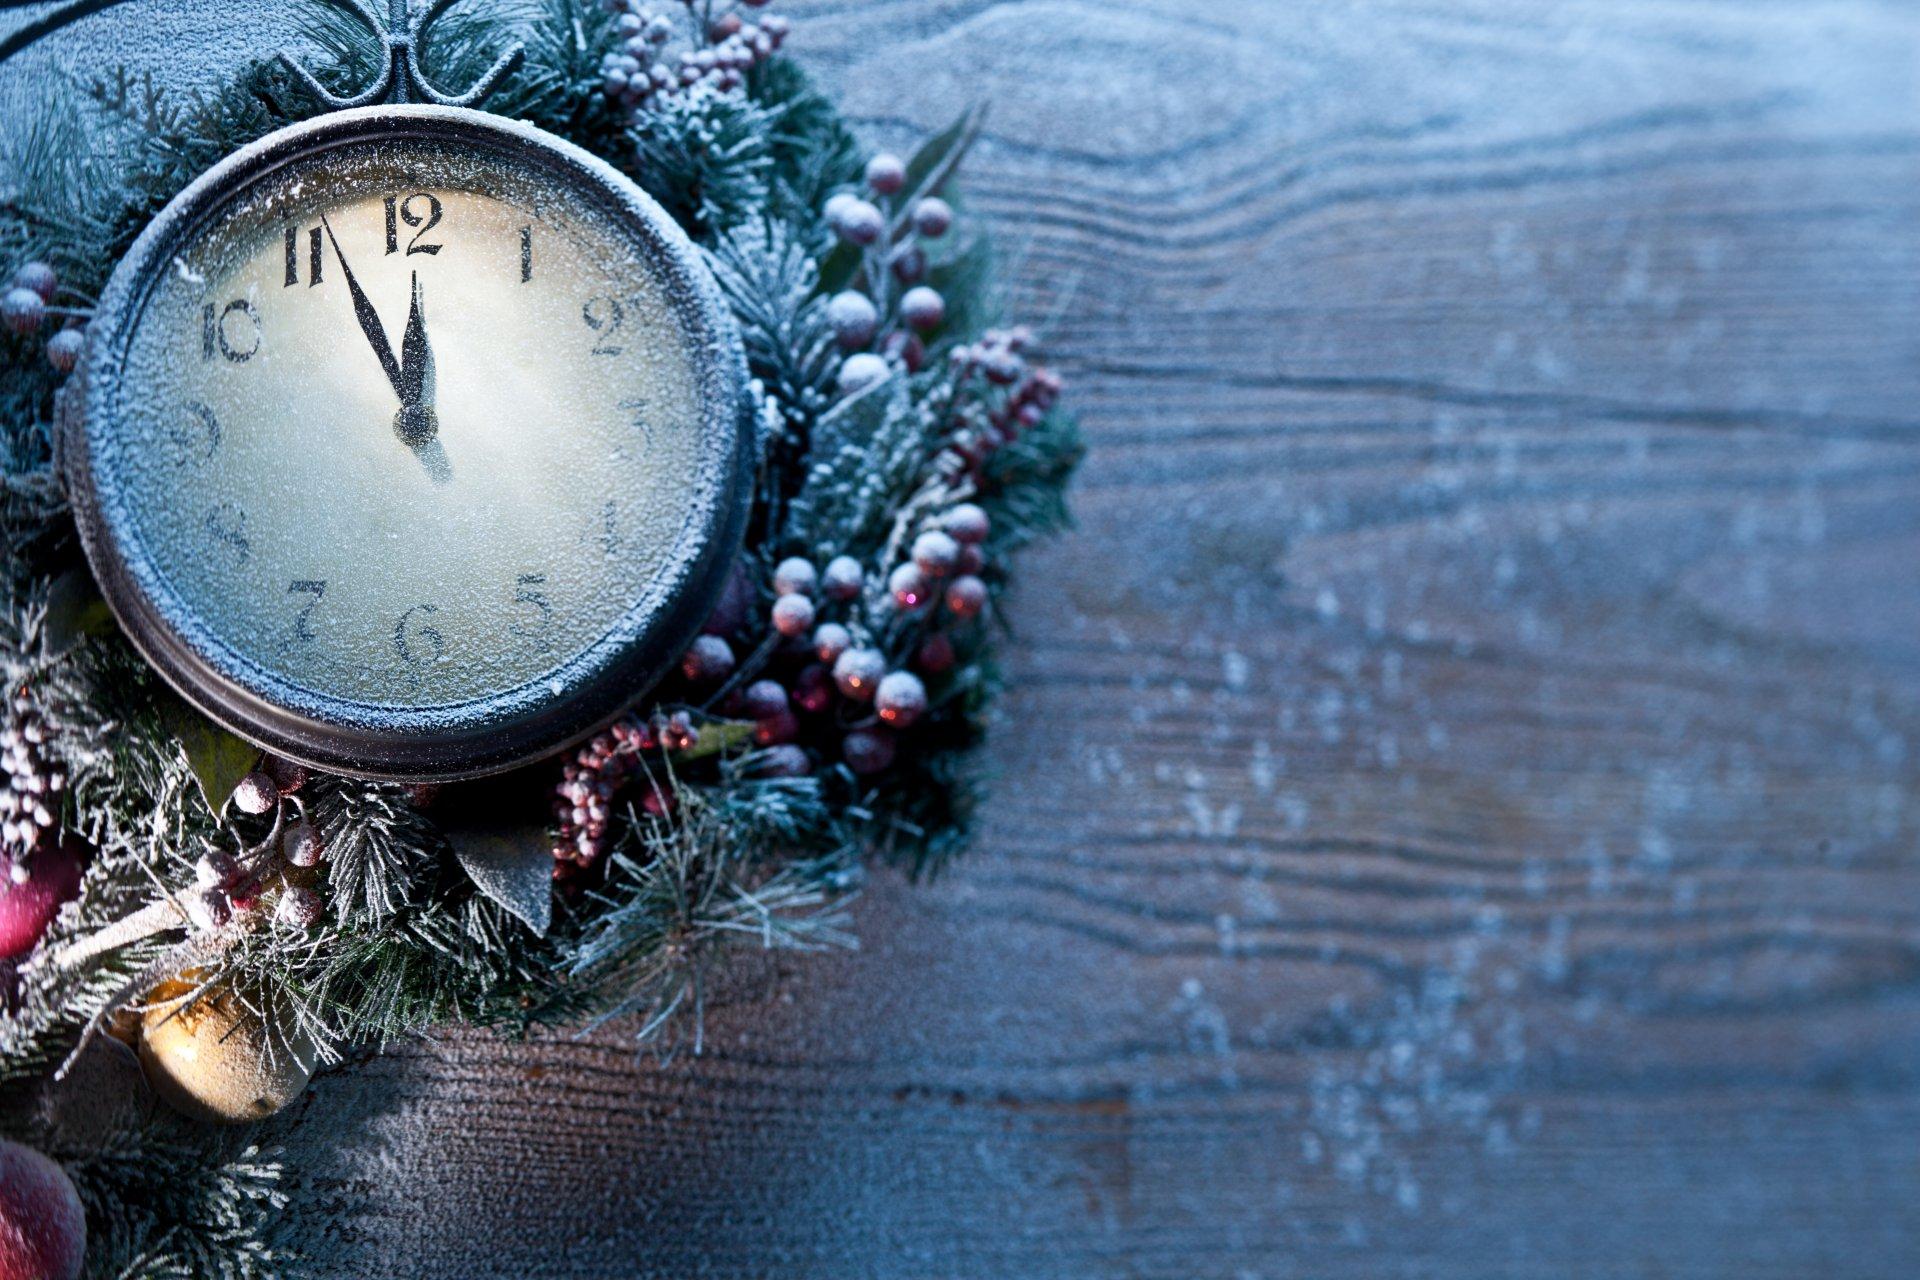 Картинки с новогодними часами новом году